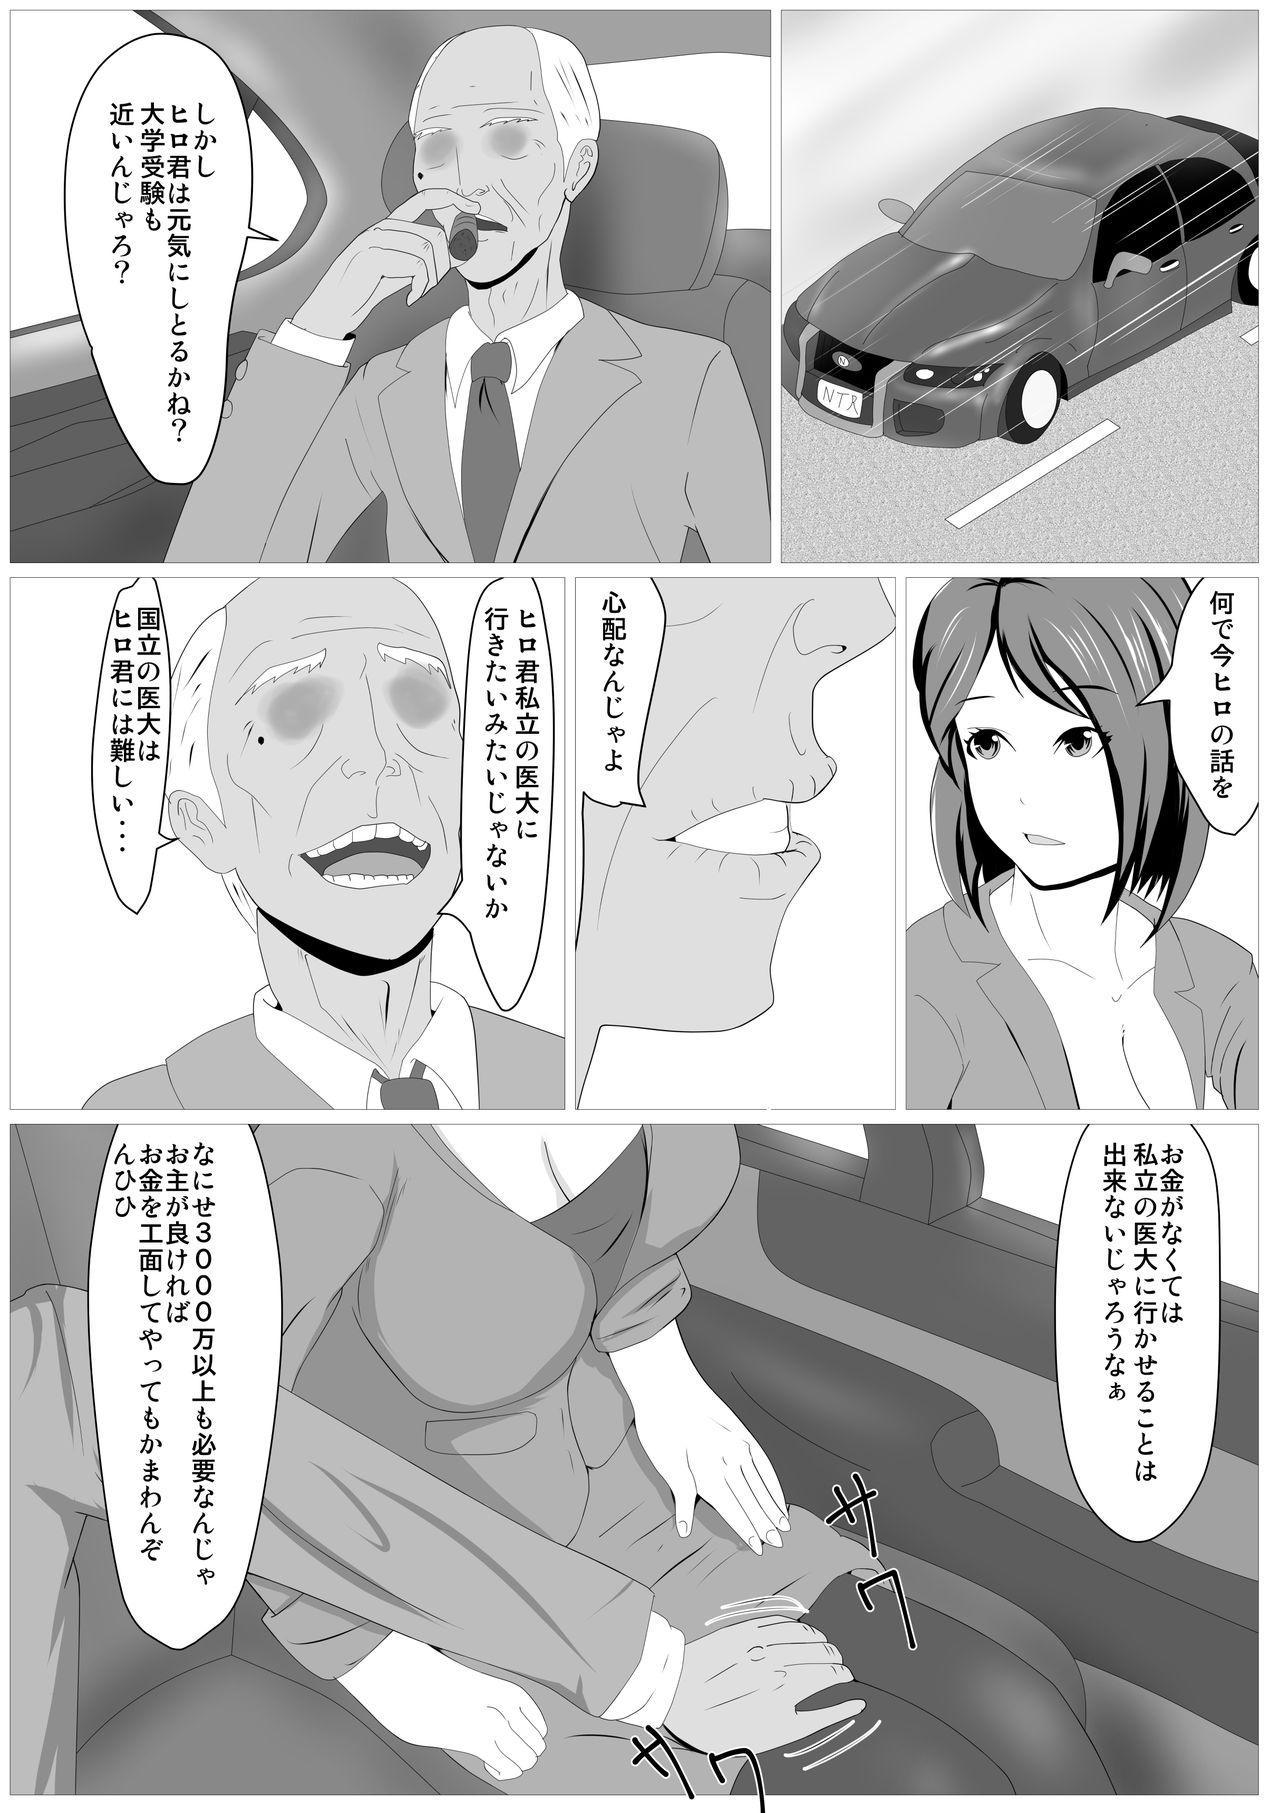 Musuko no Tamenaraba 8